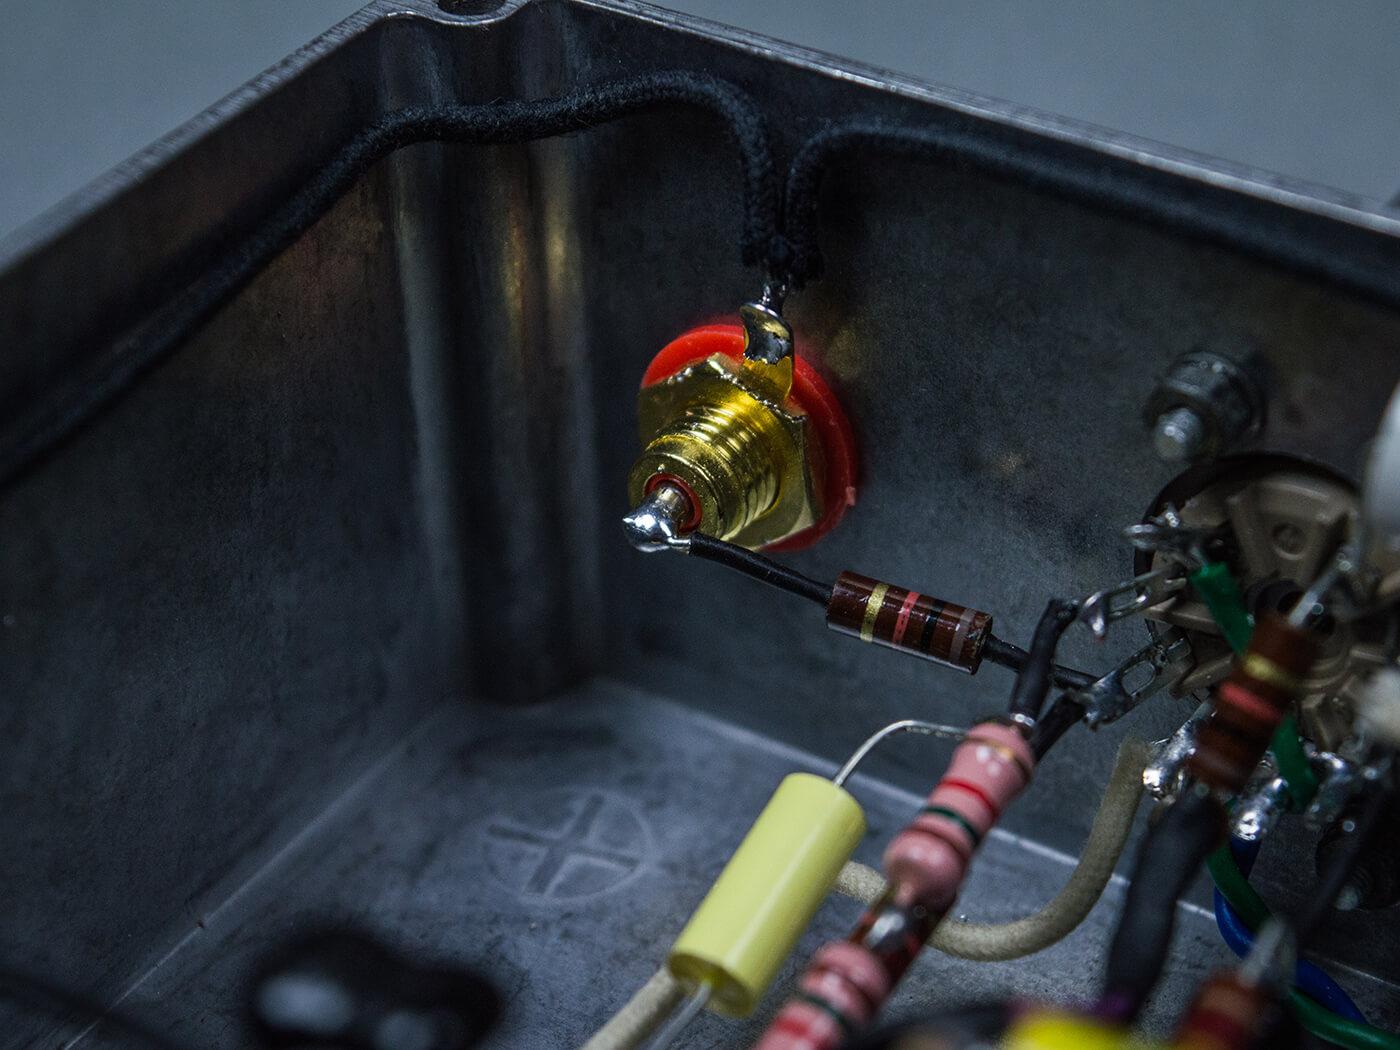 DIY Workshop: Building Your Own Reverb Unit